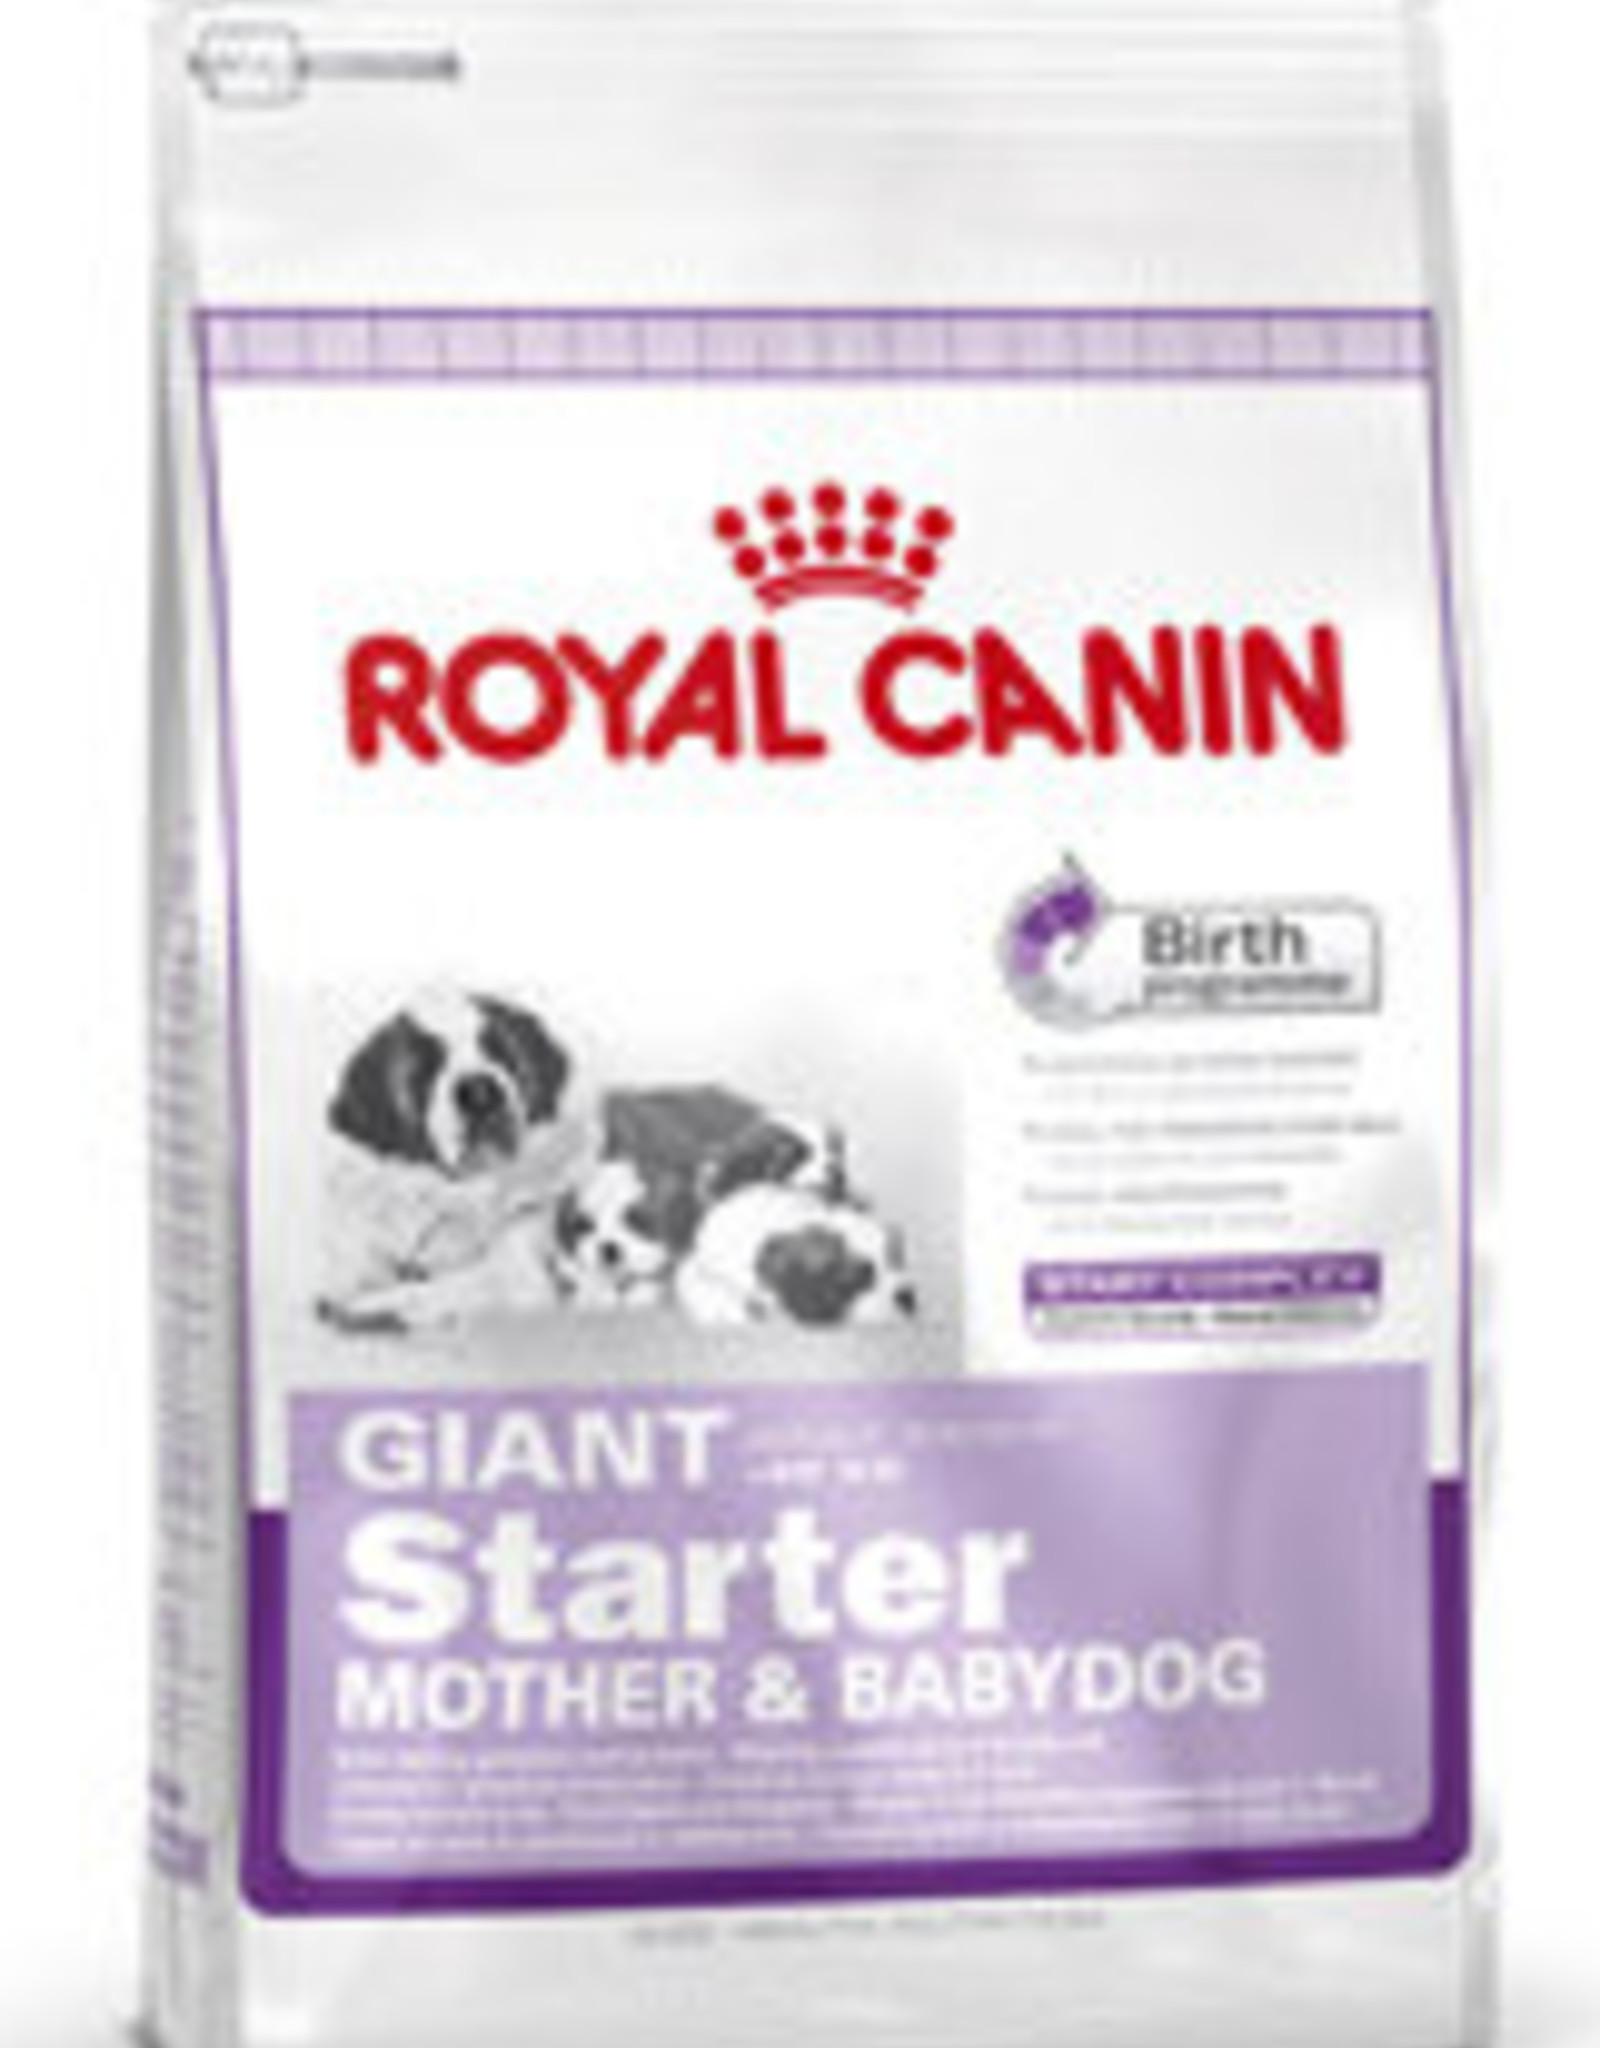 Royal Canin Royal Canin Shn Giant Starter Mother&babydog 1kg